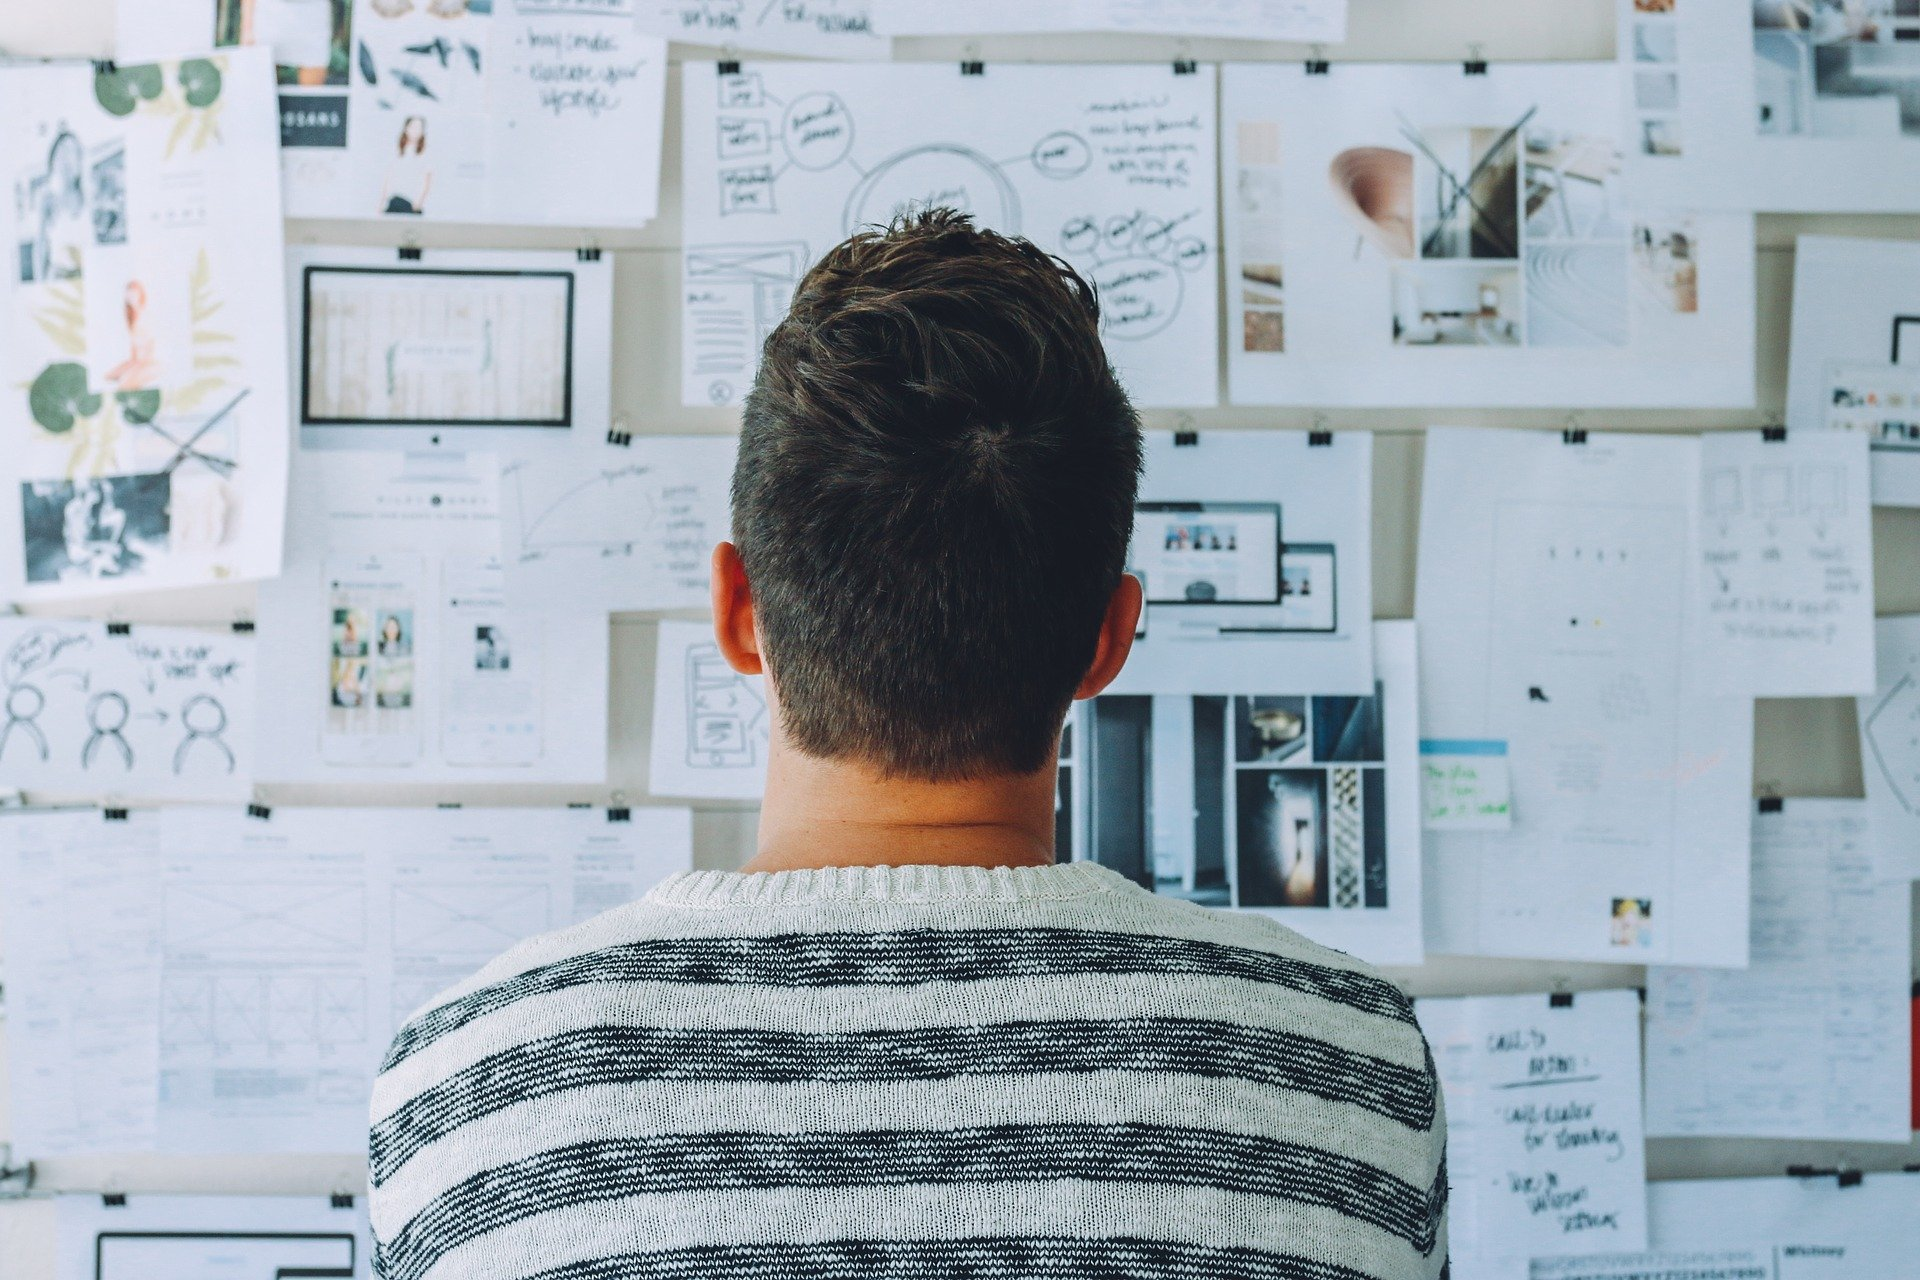 Mann schaut auf Pinnwand mit Plänen